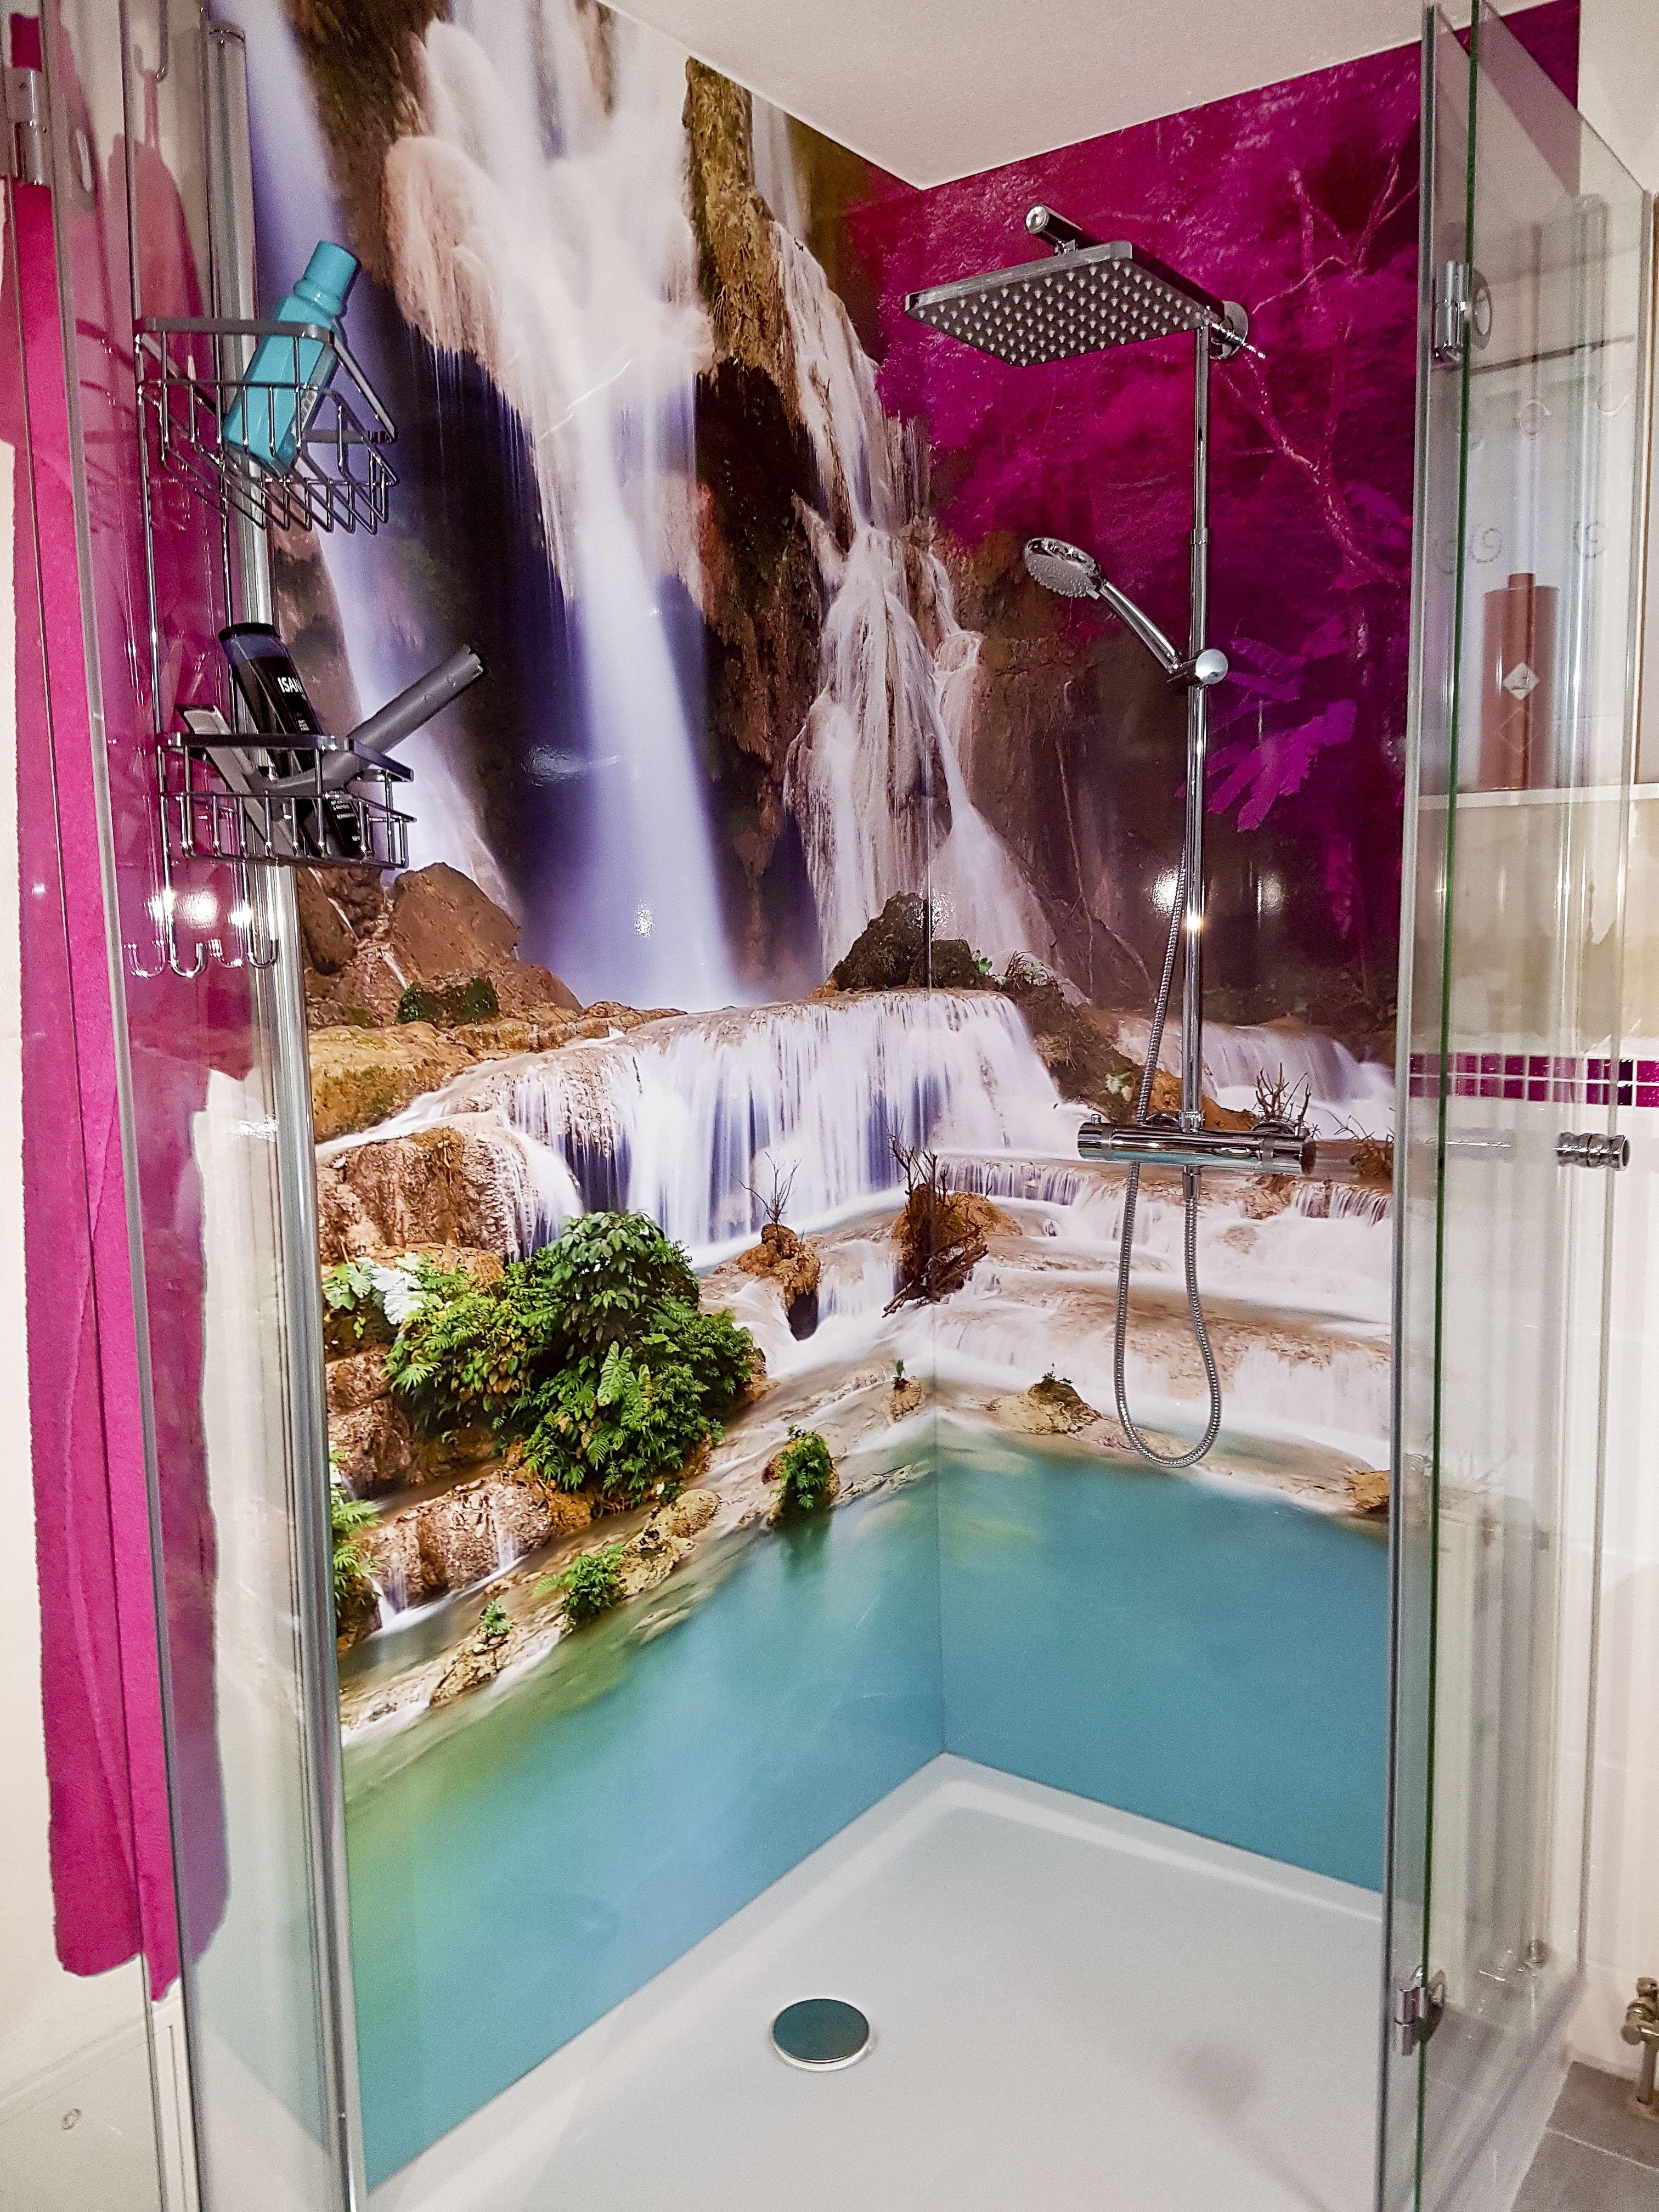 Kundenfeedback von einer frisch angebrachten Duschrückwand